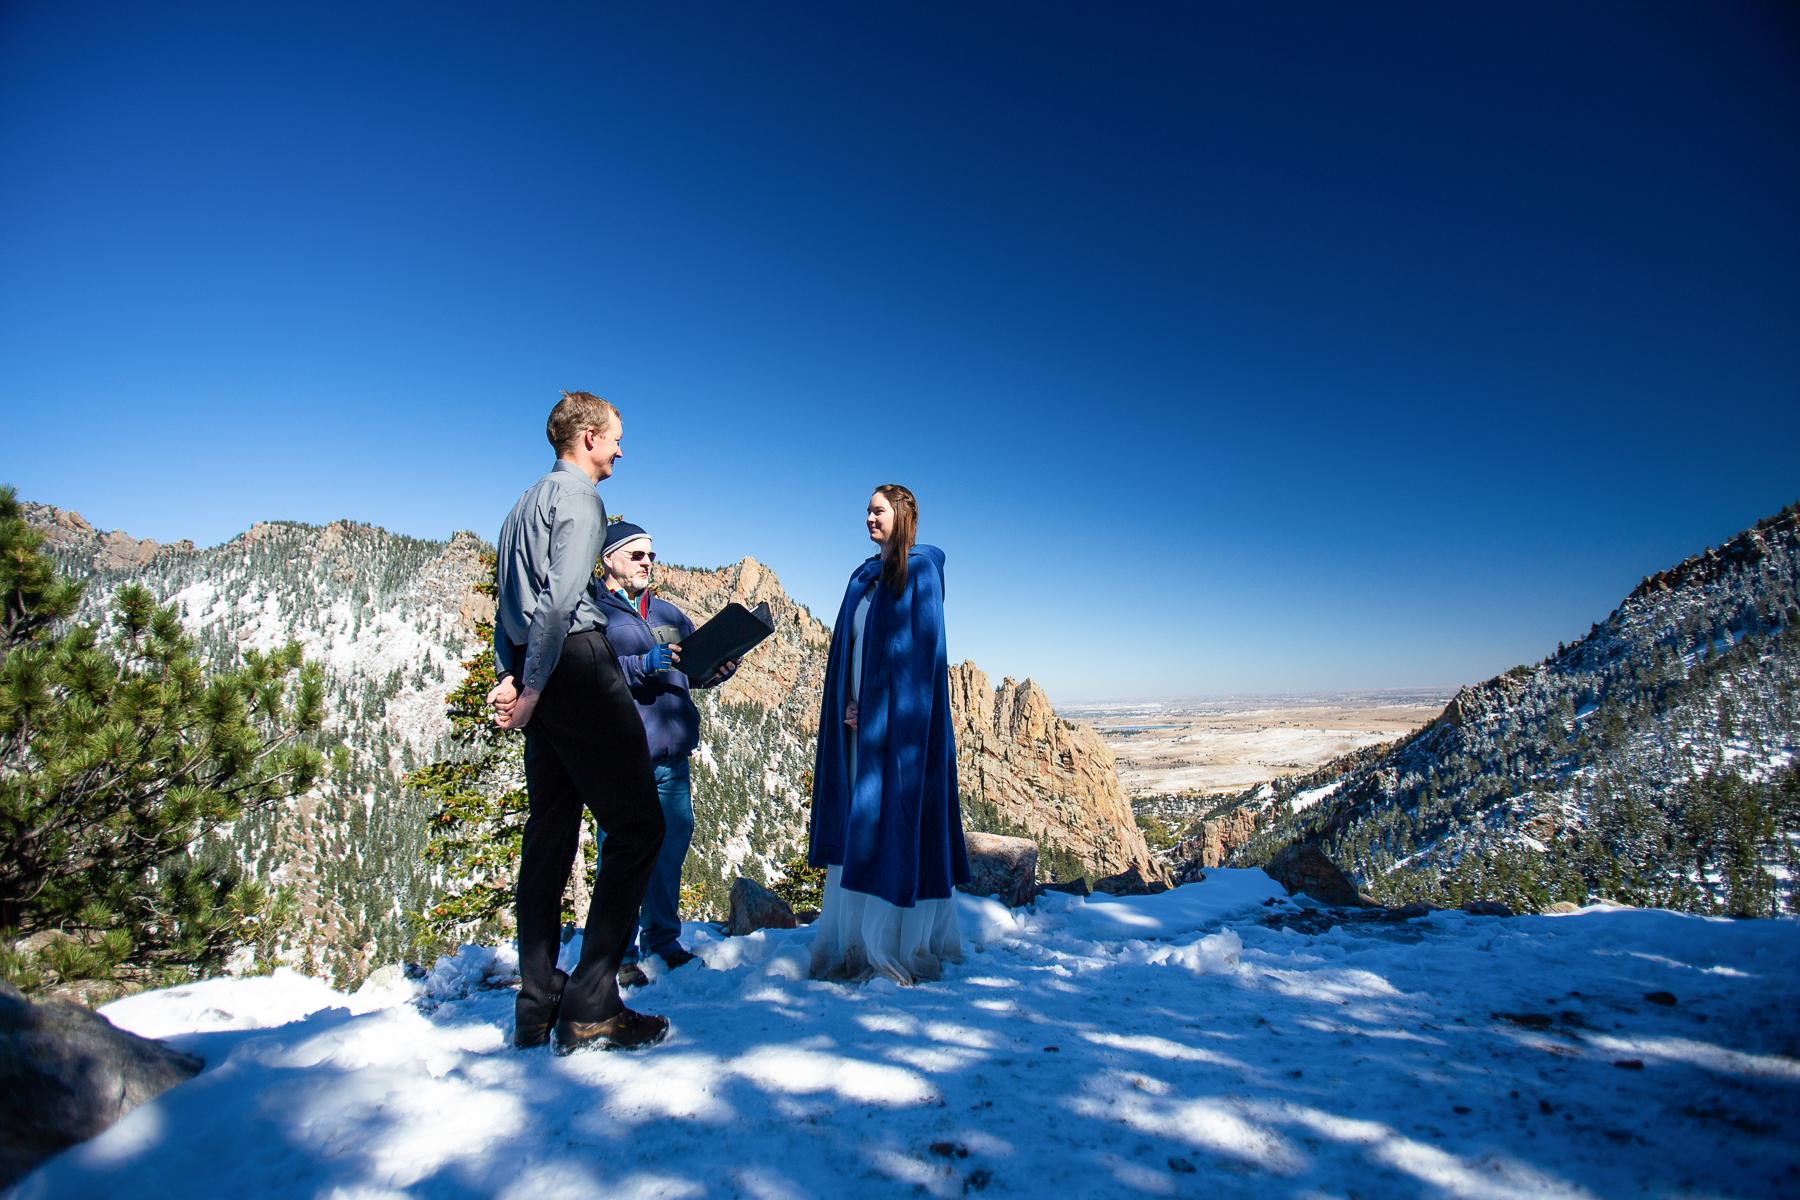 Boulder, CO Winter Elopement Ceremony Image | Il divario si affaccia è noto per le viste mozzafiato dell'Eldorado Canyon